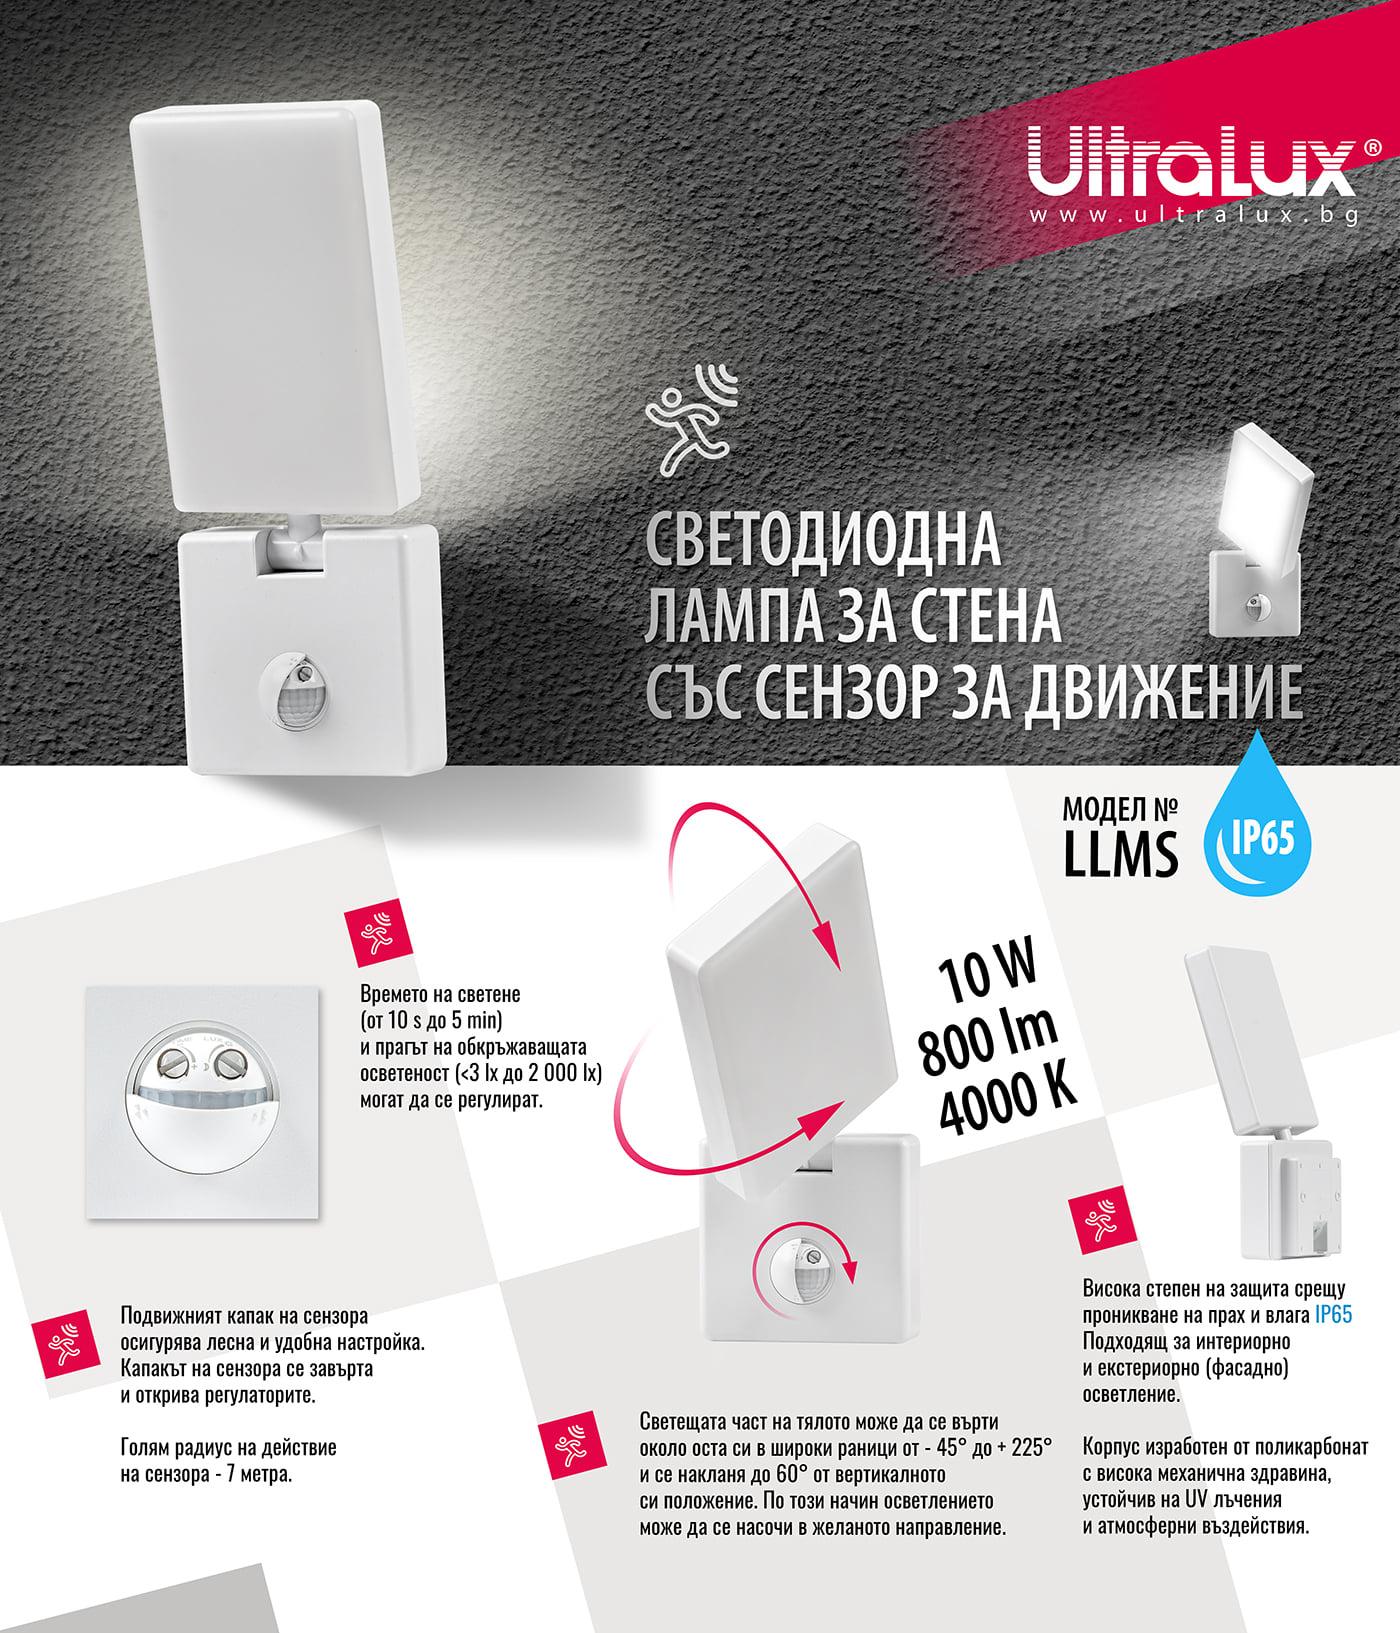 LED лампа за стена със сензор за движение